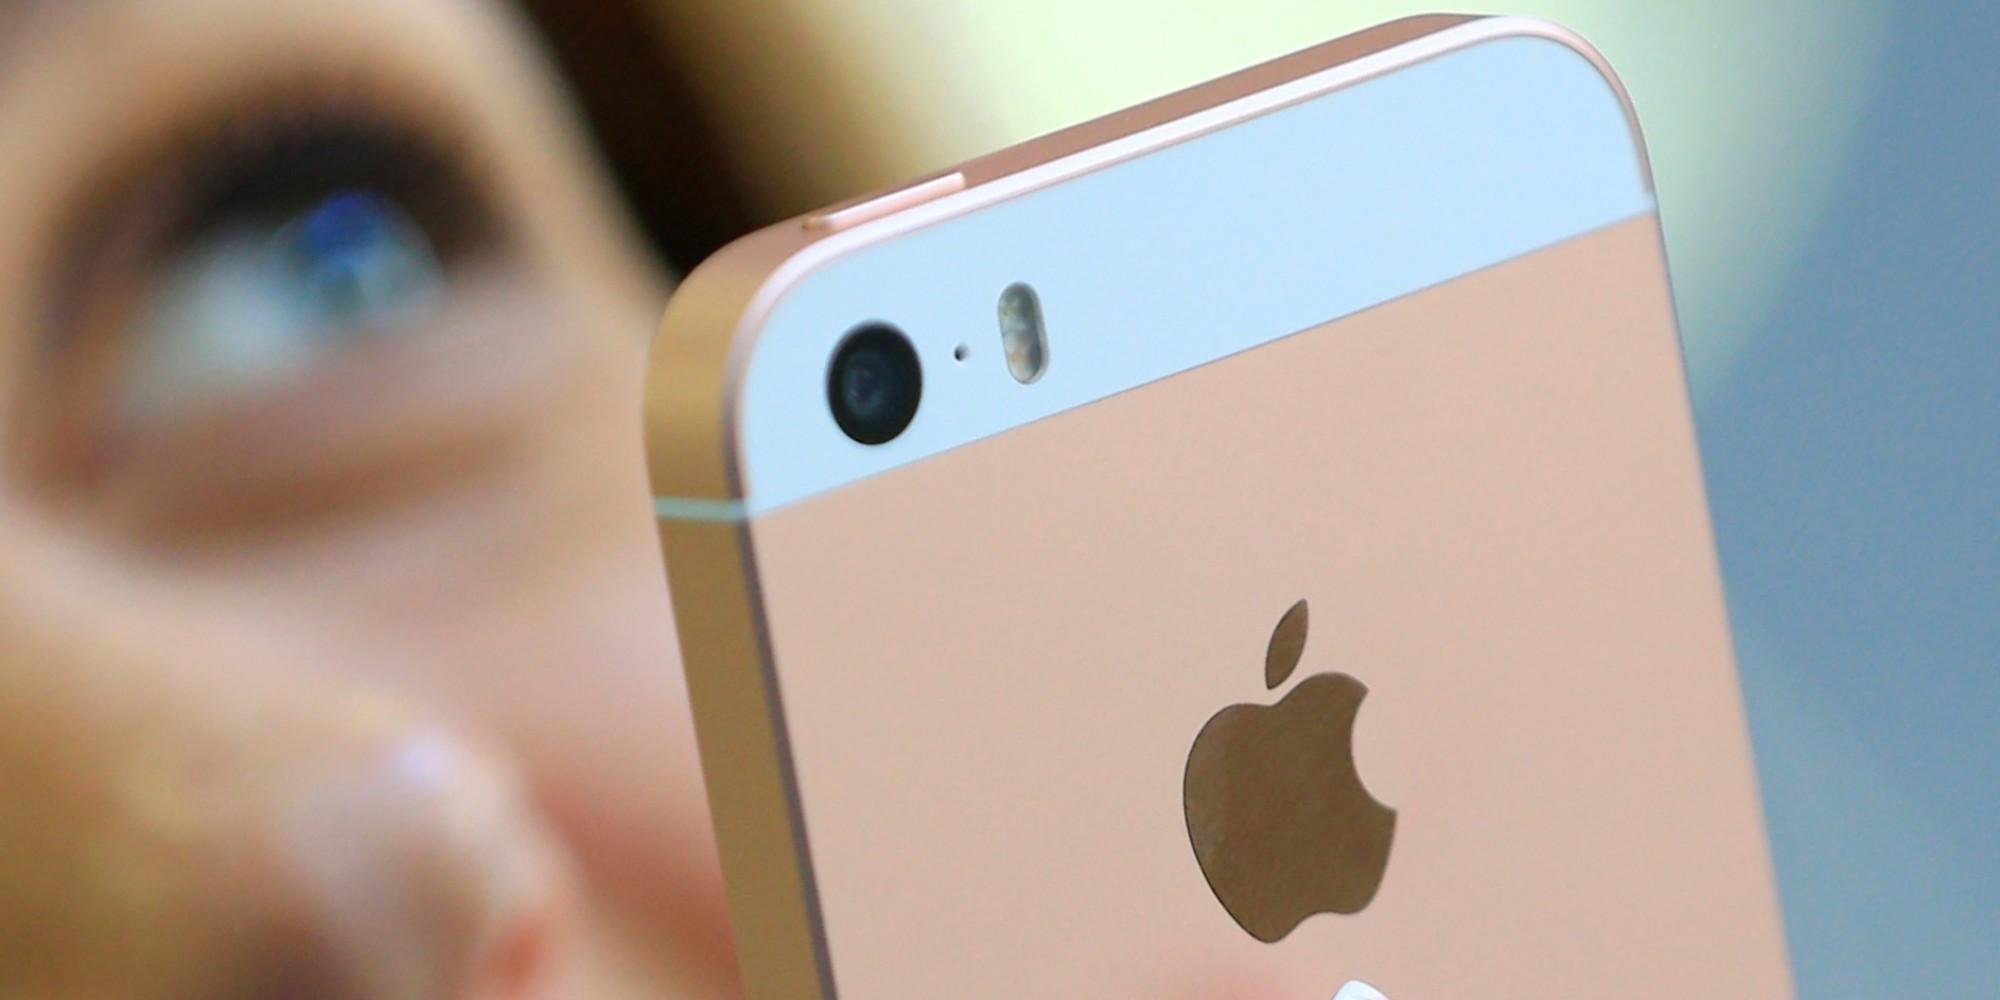 6 أسباب تدفعك لشراء iPhone SE 2 عوضاً عن أي هاتف آخر لشركة آبل